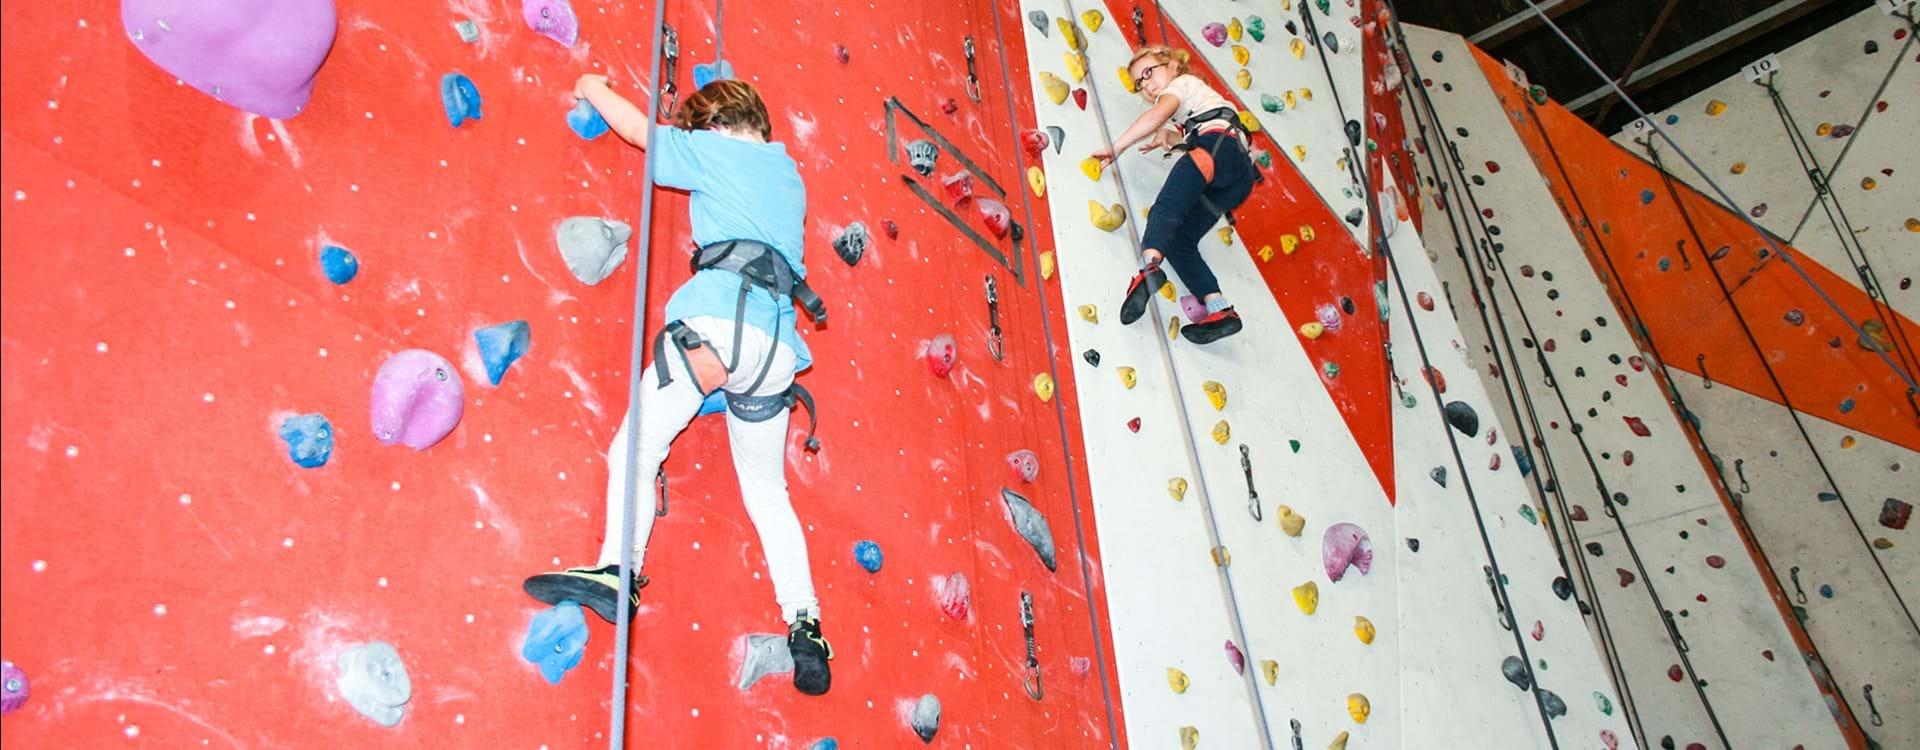 Piger med cerebral parese klatrer til familiecamp